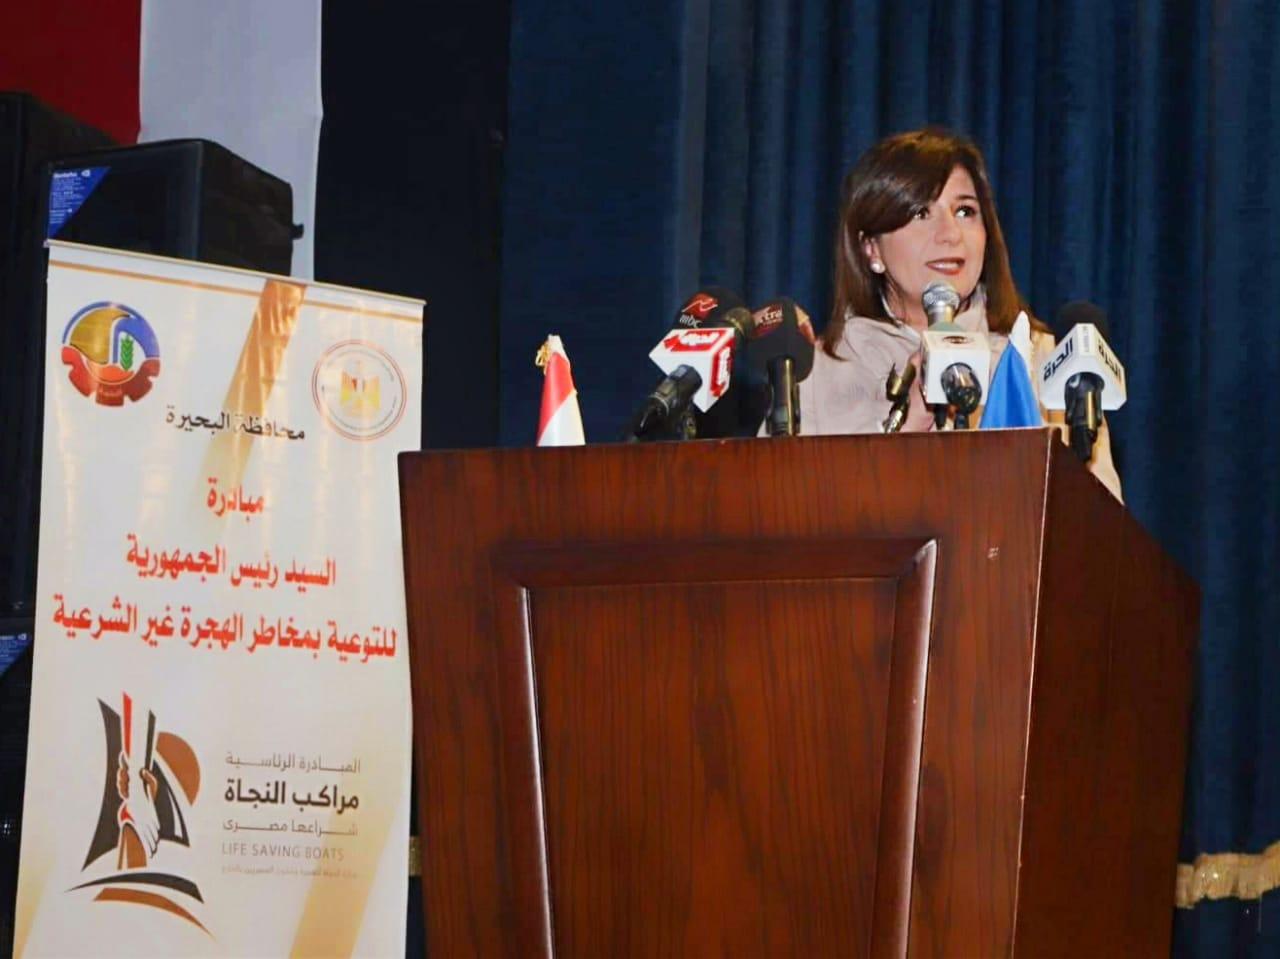 نبيلة مكرم تثمن دور سيدات مصر في توعية أبنائهم بمخاطر الهجرة غير الشرعية